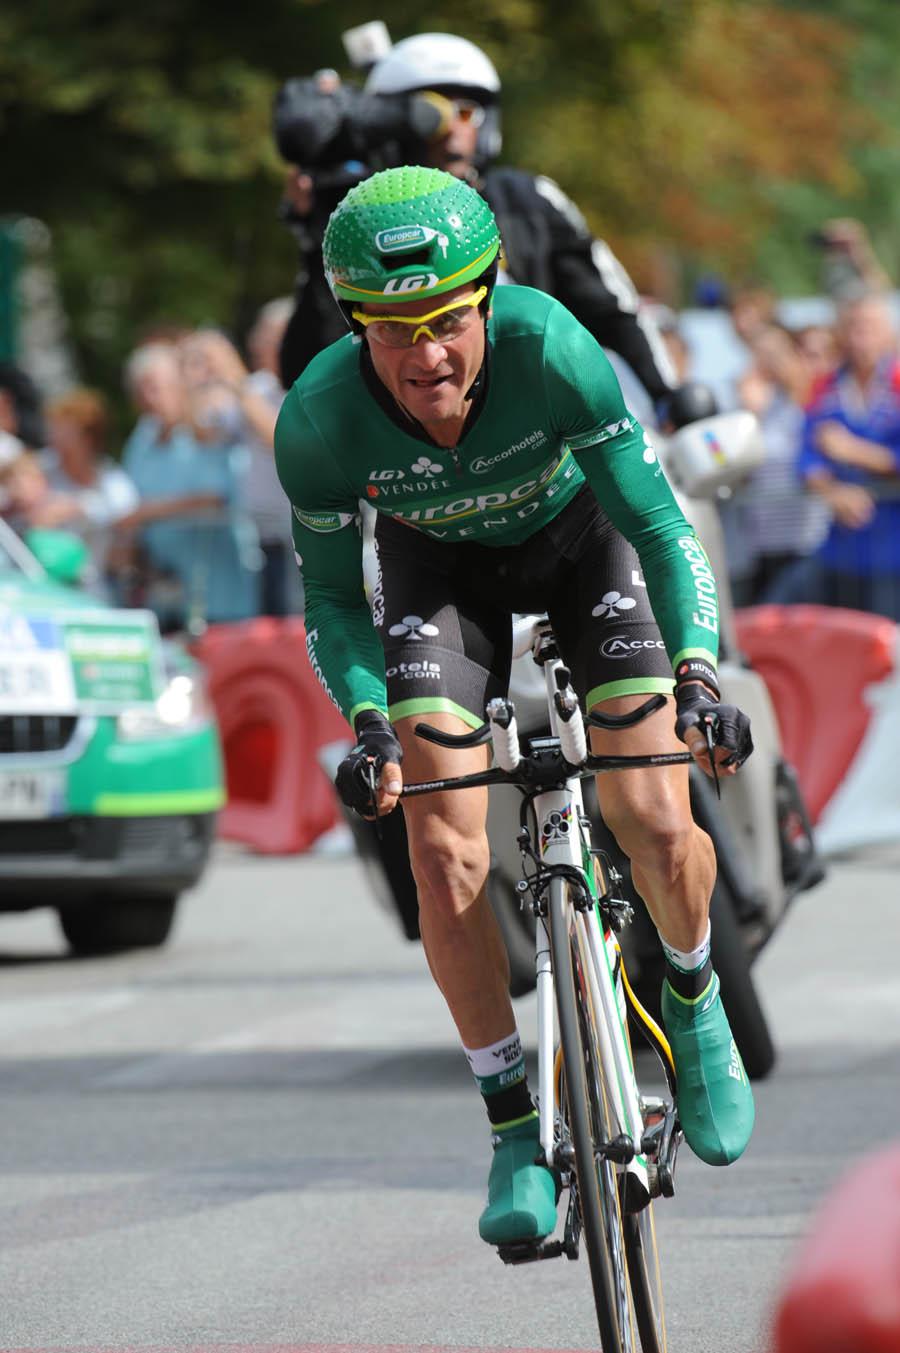 Thomas Voeckler, Tour de France 2011, stage 20